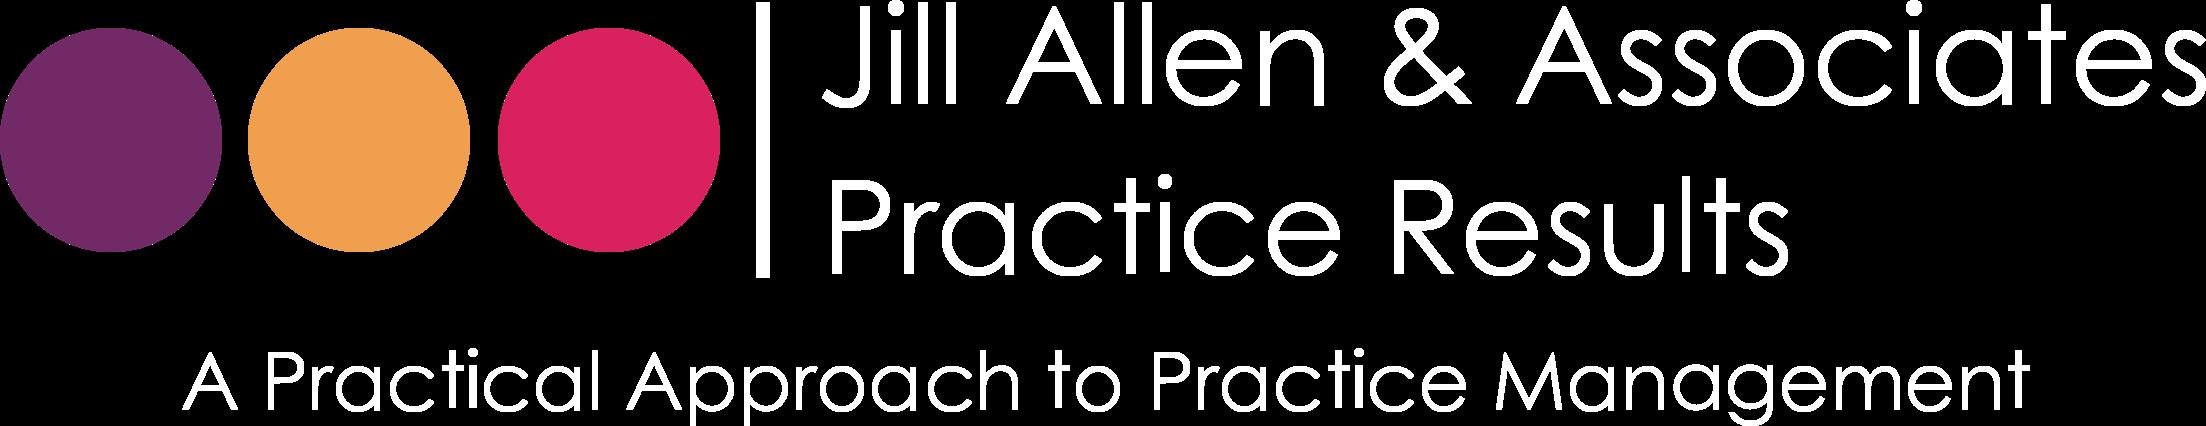 Jill_Allen_new_logo.png